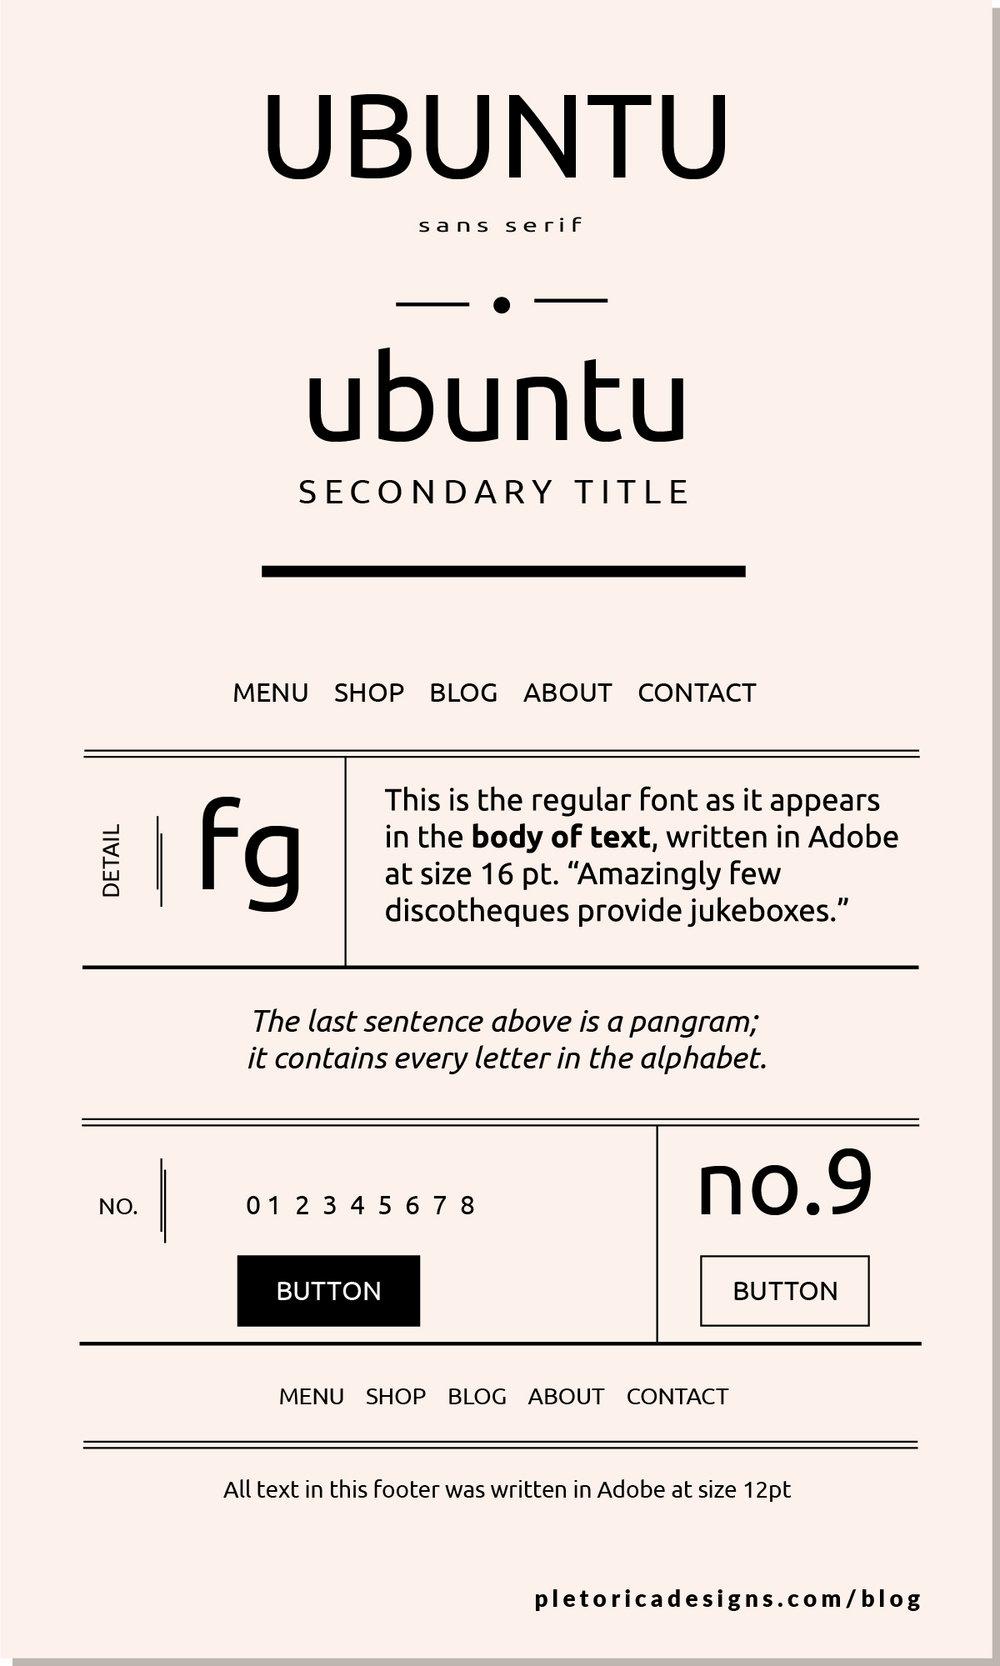 Ubuntu_POSTER.jpg